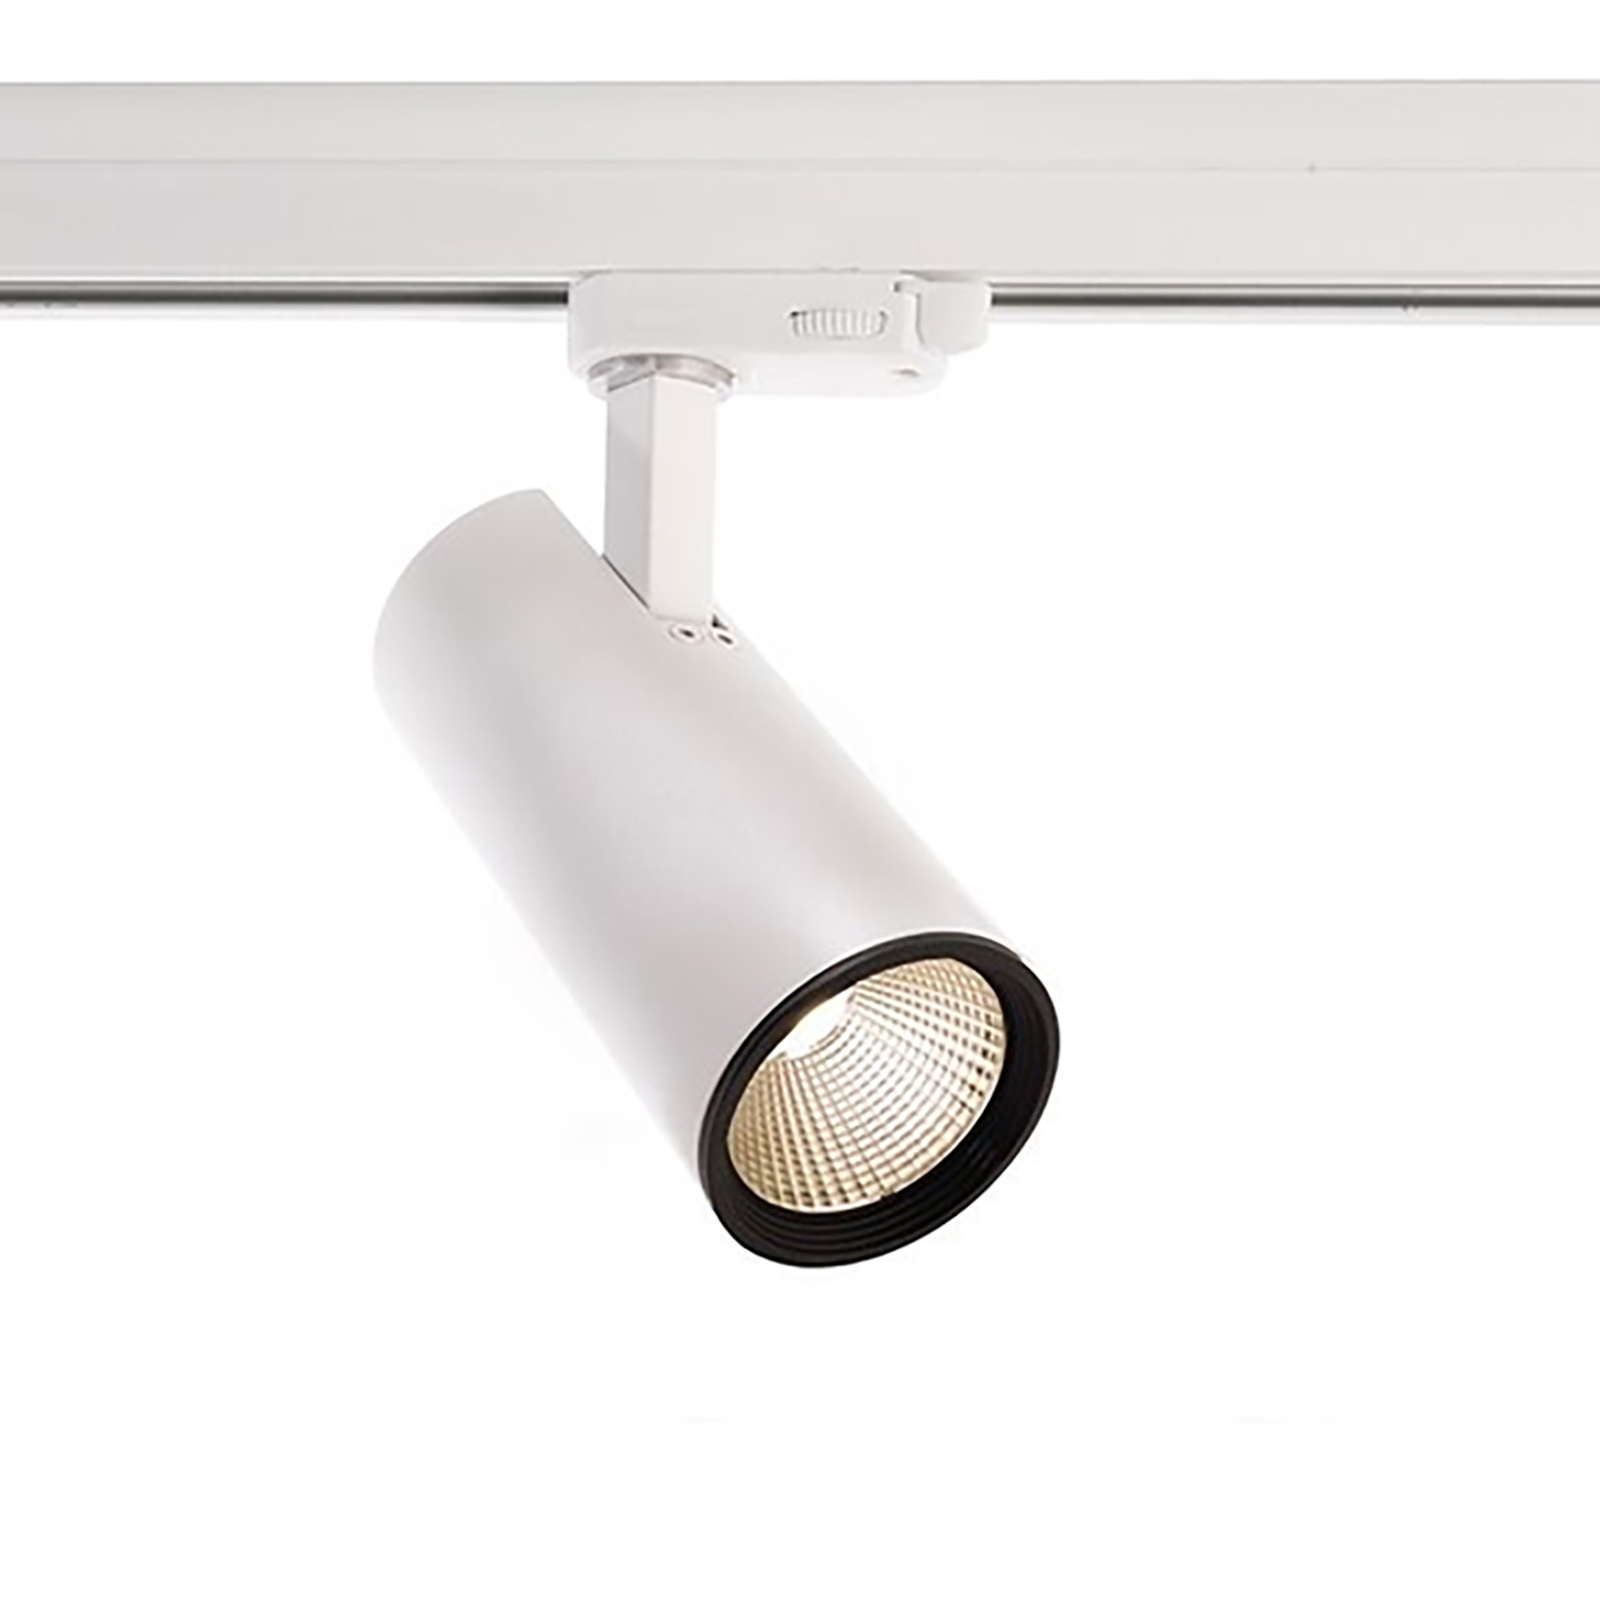 Faretto Led Spot.Illuminazione A Binario Led Prova Sito Faretto Led